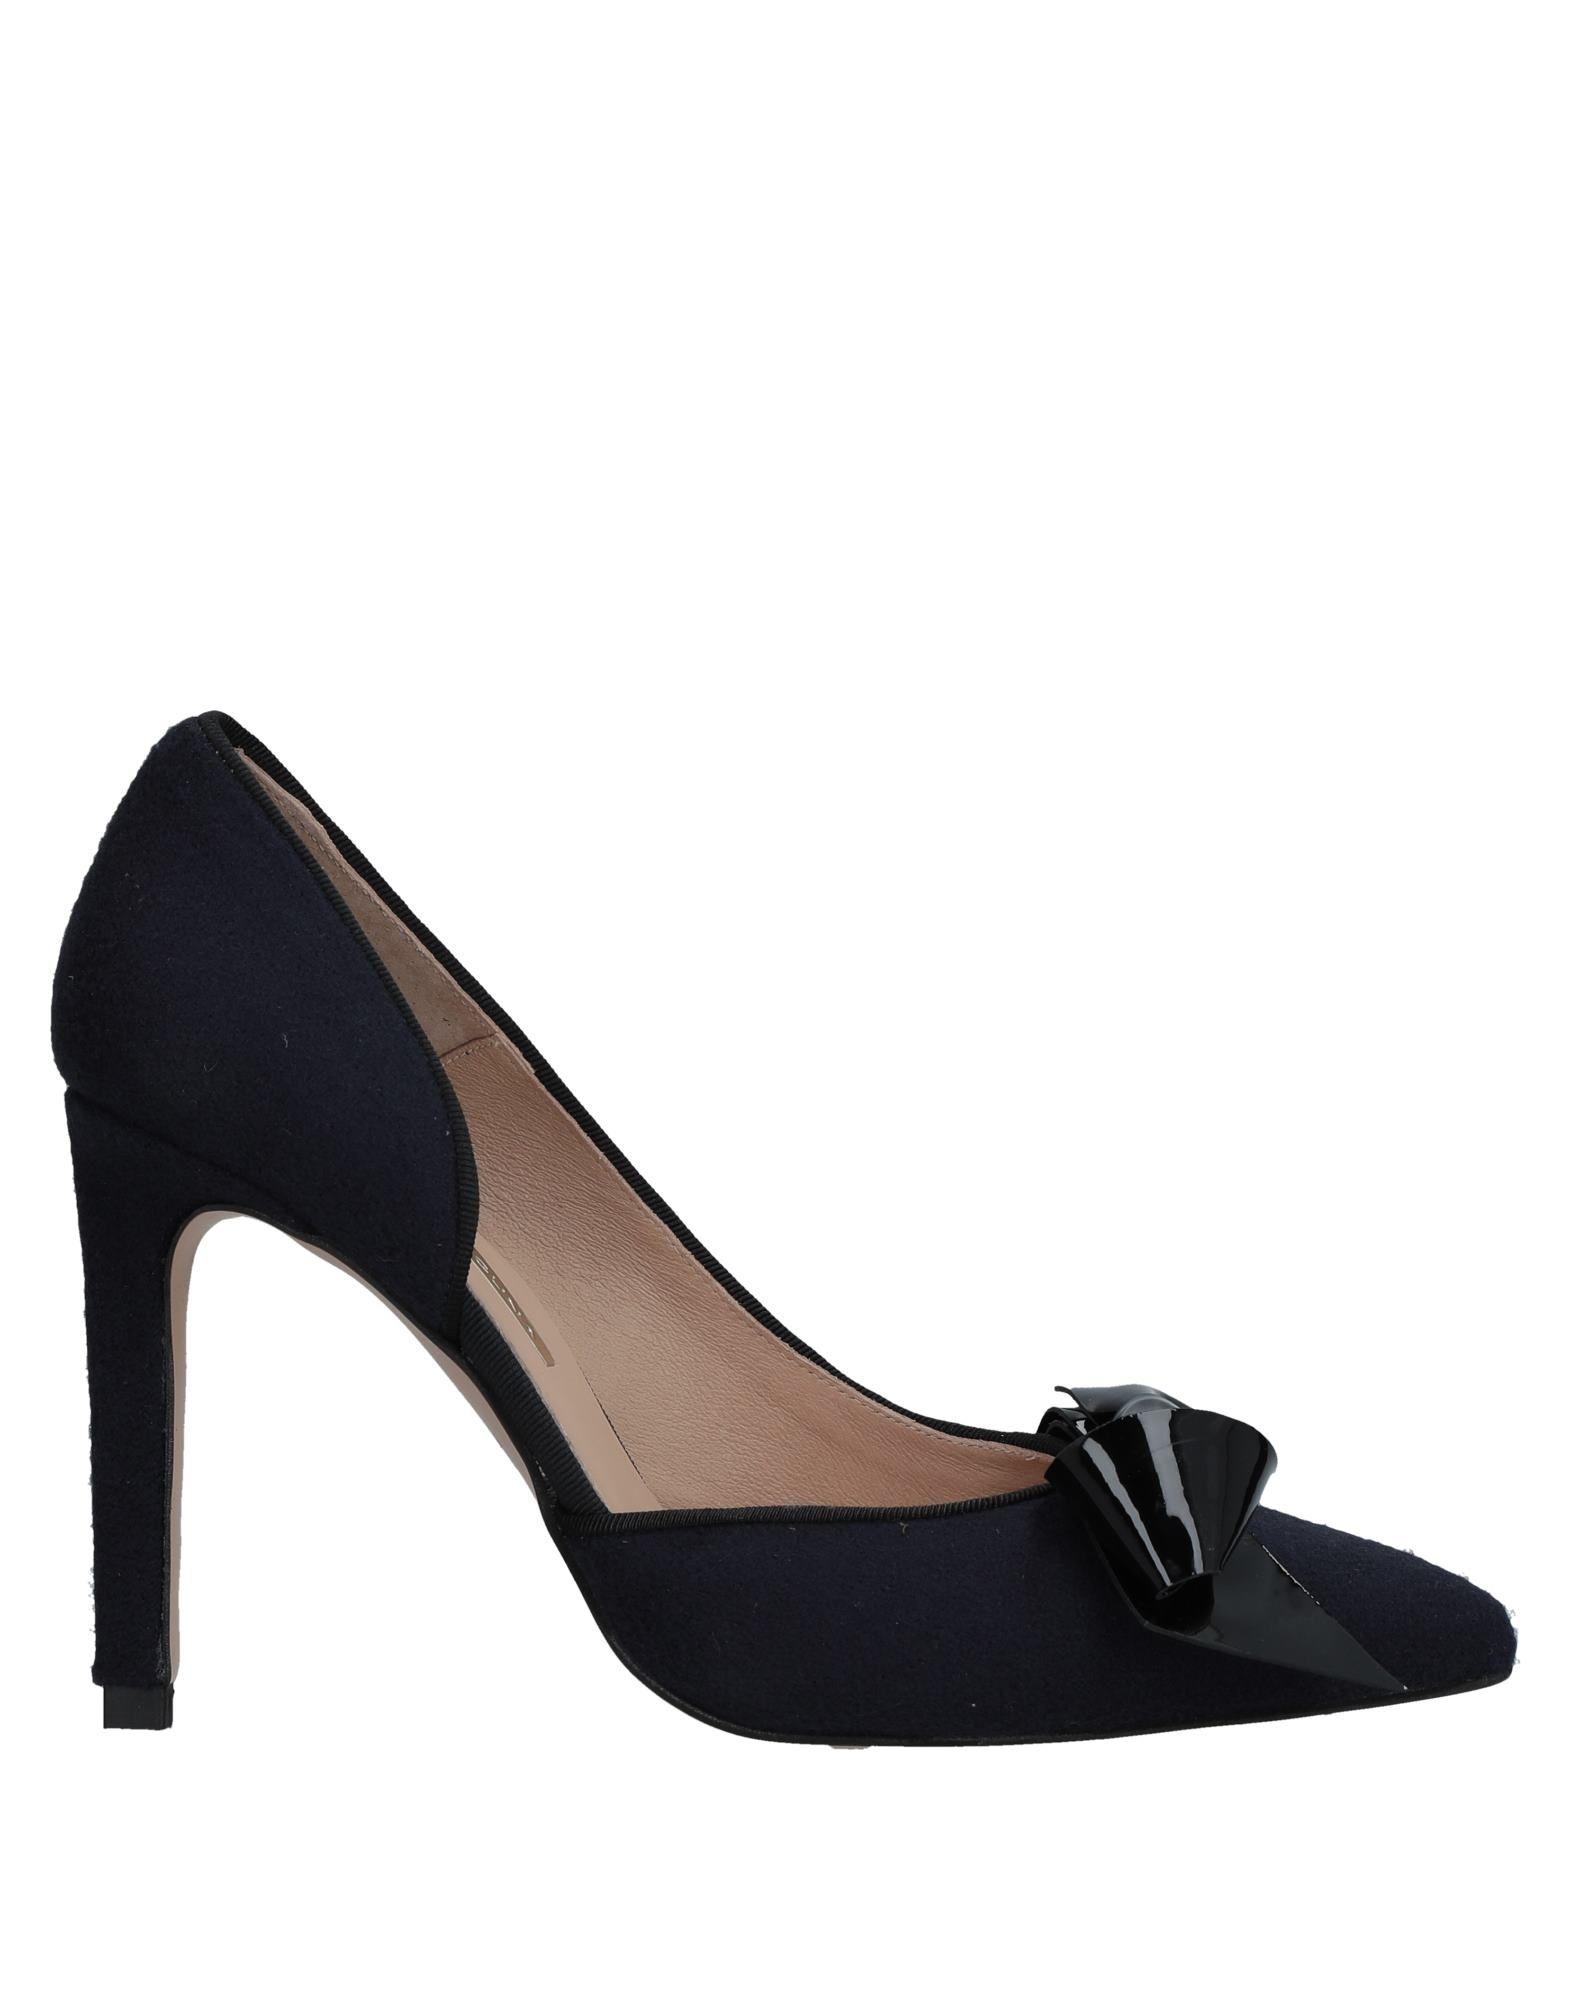 Hannibal Laguna Pumps Qualität Damen  11541566GC Gute Qualität Pumps beliebte Schuhe b139f0